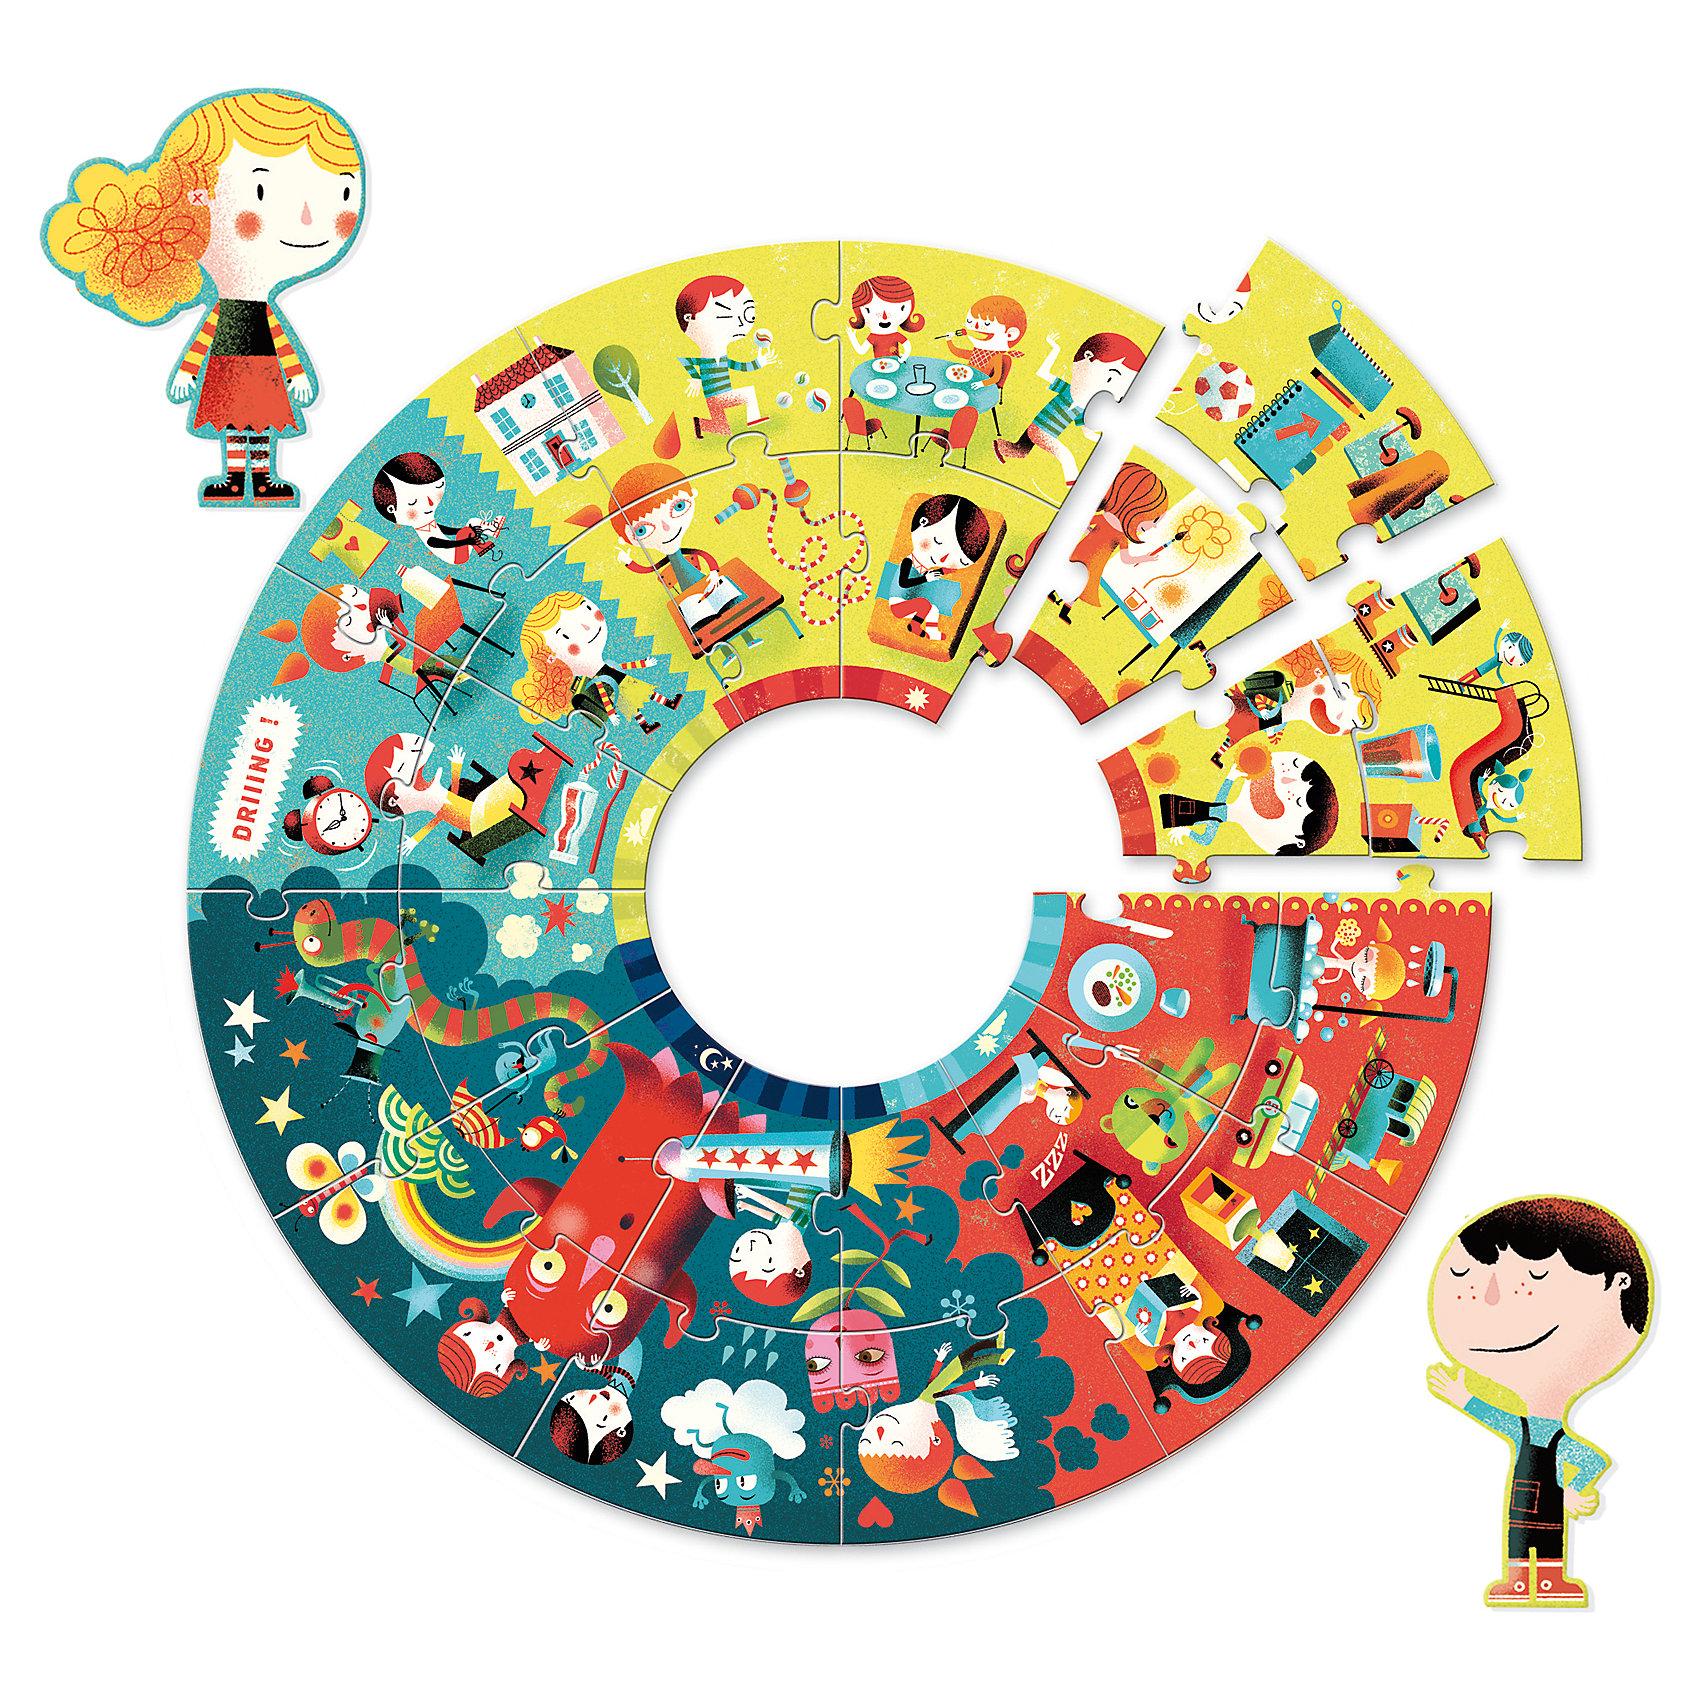 Пазл События дня, 24 детали, DJECOПазлы до 24 деталей<br>Пазл События дня от французского производителя игрушек Djeco – увлекательный набор, который надолго увлечет ребенка и станет превосходным развивающим подарком. В наборе ребенок найдет множество красочных интересных деталей, которые нужно собрать в один большой круглый пазл. Пазл очень яркий и интересный. На нем изображены картинки с распорядком дня детей и взрослых. В комплекте есть также 2 детали в виде человечков, одетых в разные наряды. <br>Диаметр собранного пазла: 65 см. Пазл состоит из 24 деталей.<br><br>Ширина мм: 330<br>Глубина мм: 260<br>Высота мм: 60<br>Вес г: 950<br>Возраст от месяцев: 36<br>Возраст до месяцев: 1188<br>Пол: Унисекс<br>Возраст: Детский<br>SKU: 4761460